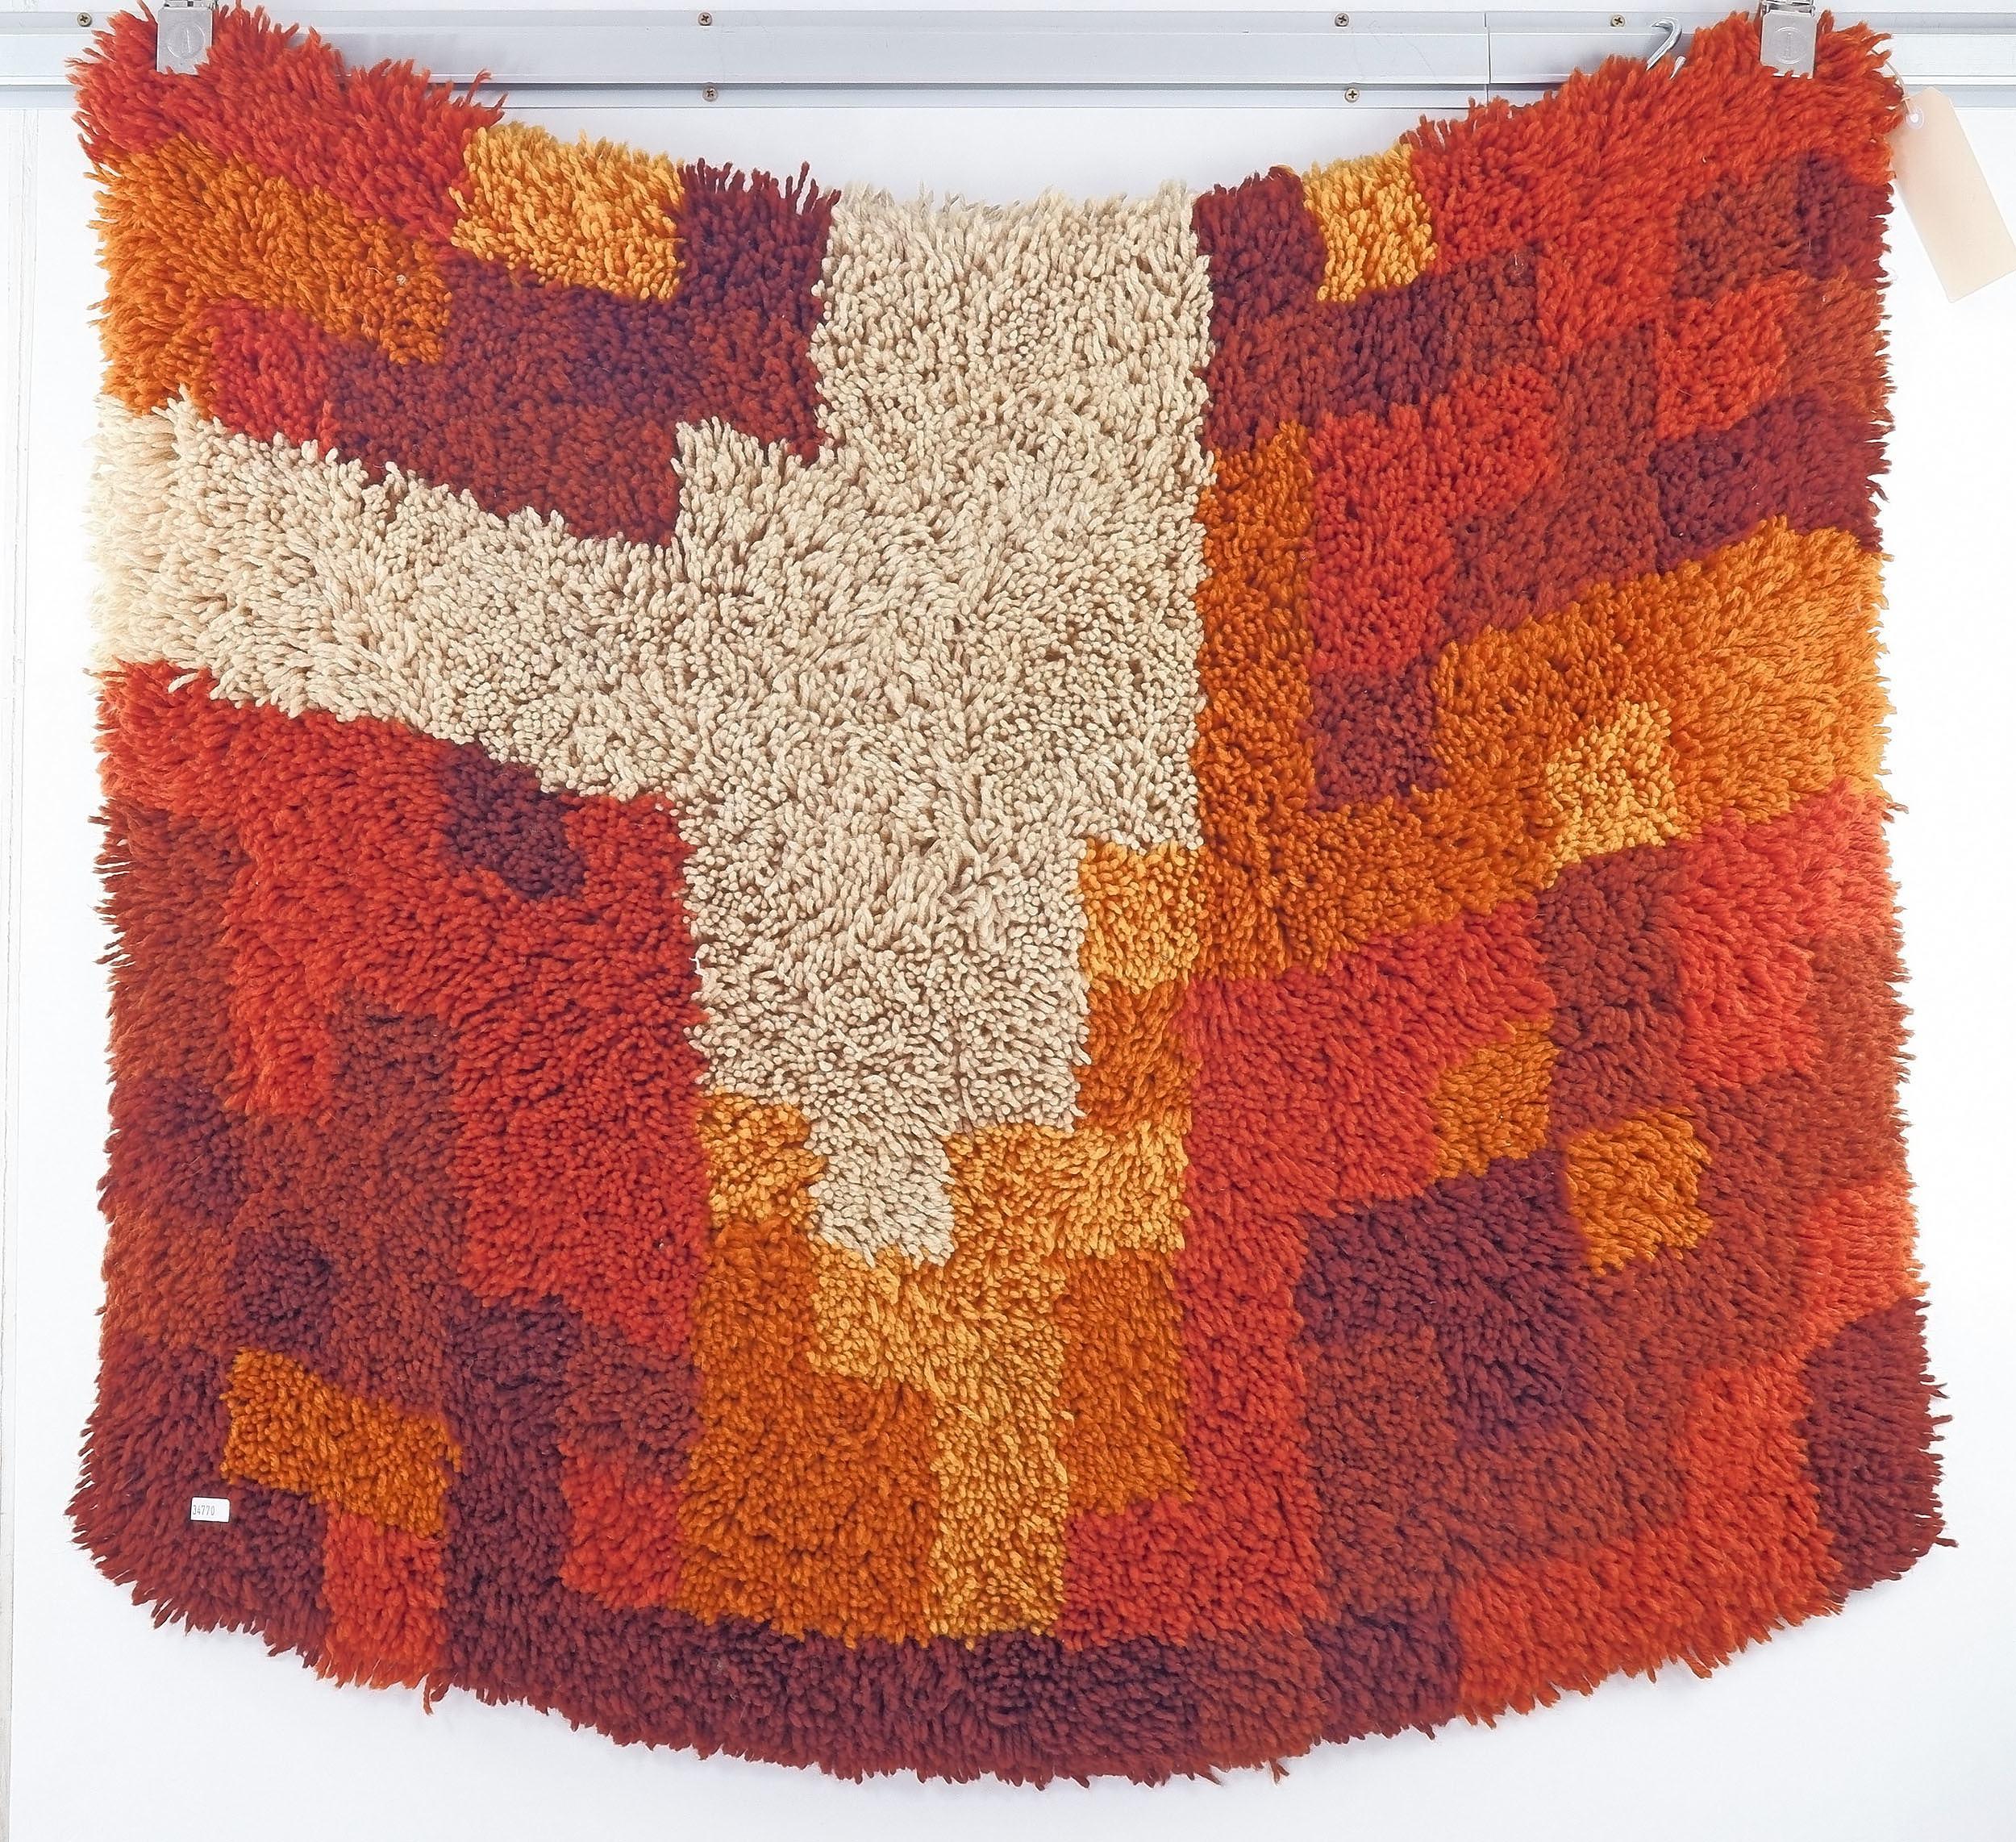 'Retro Shag Pile Rug, Circa 1970s'